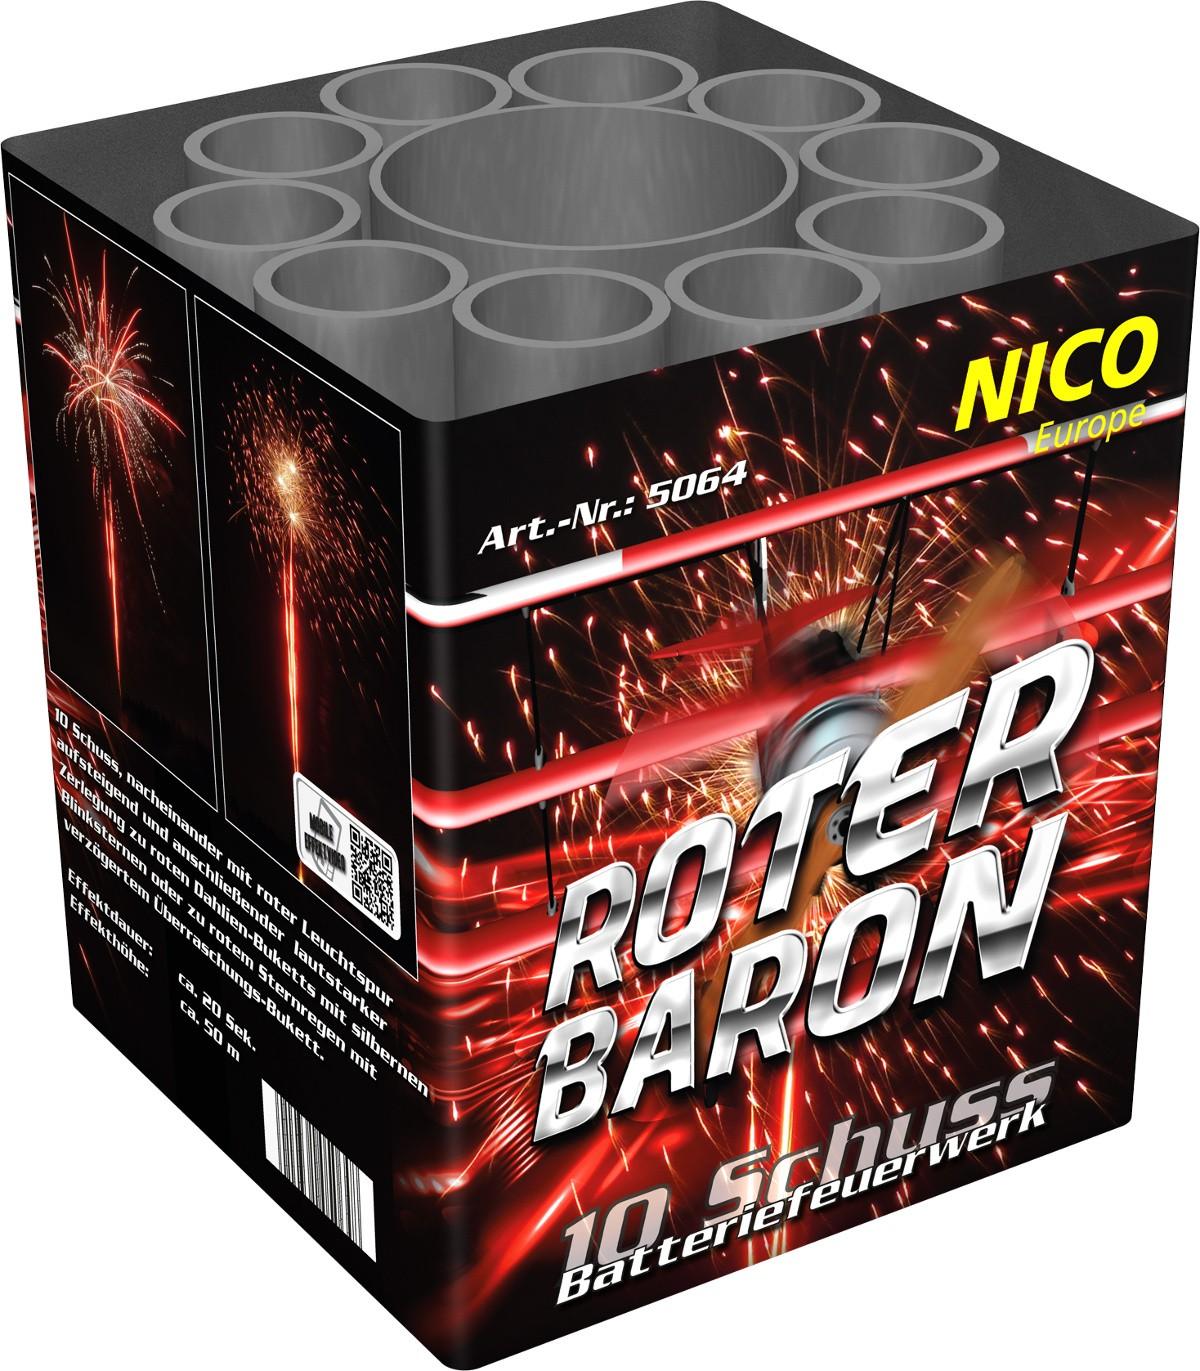 Batteriefeuerwerk Roter Baron 10 Schuss